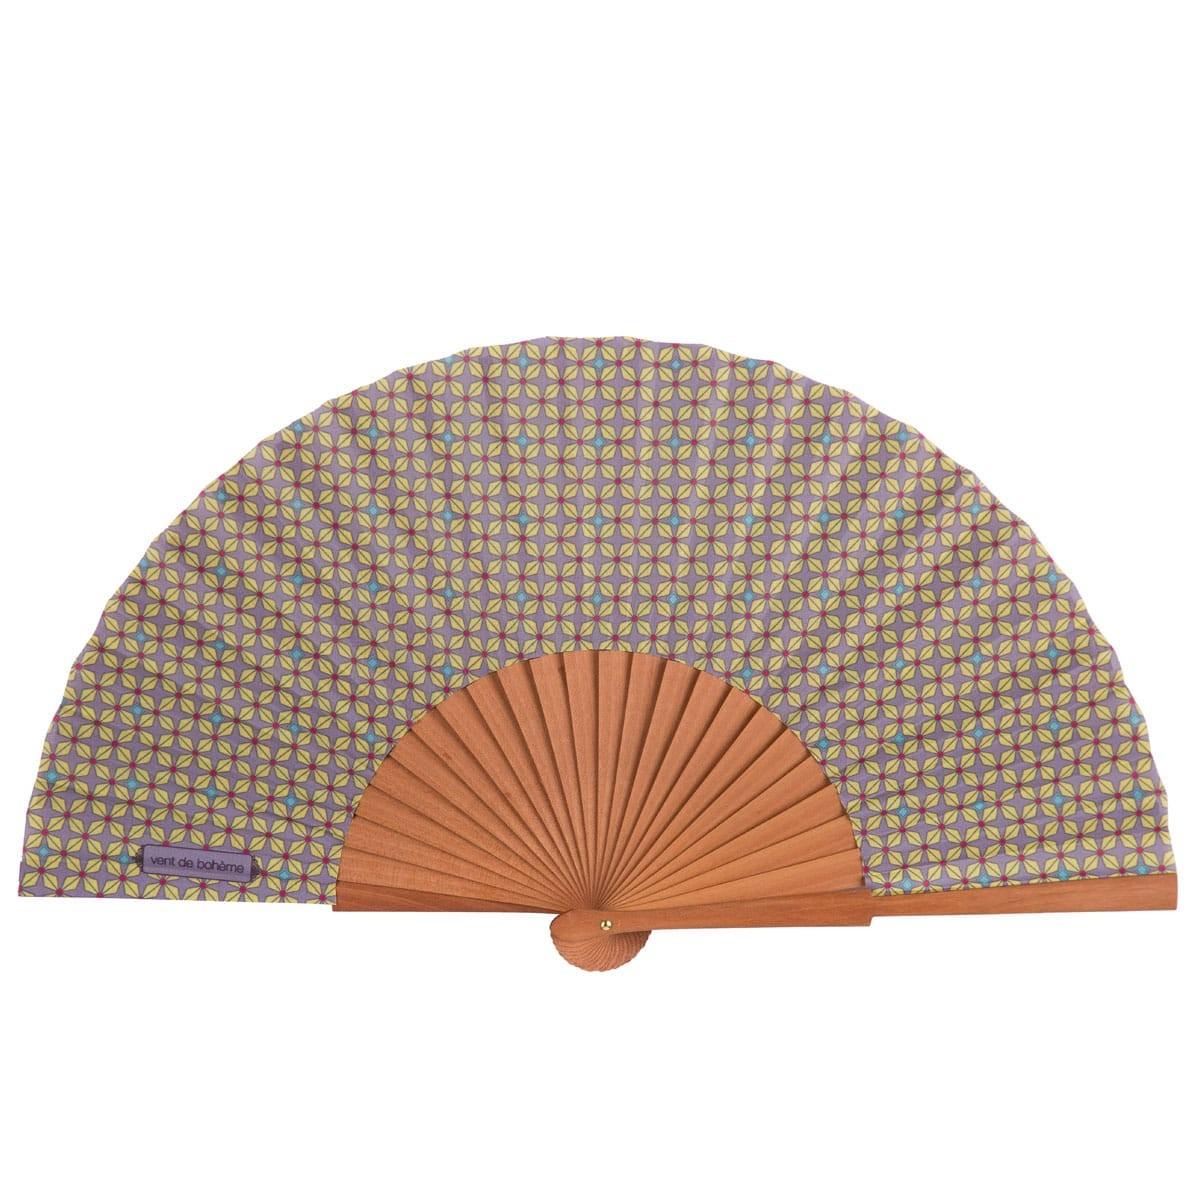 Éventail en bois de merisier et coton imprimé graphique